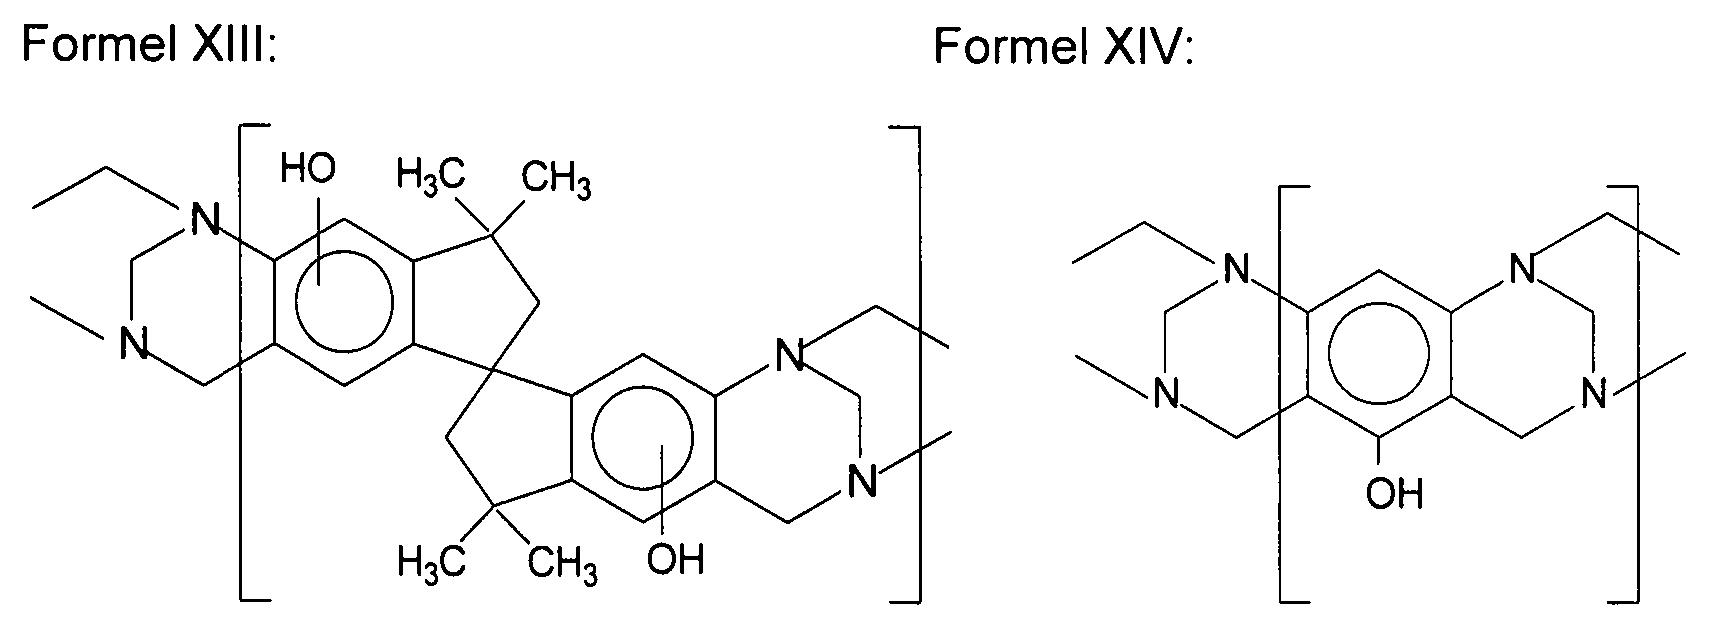 Figure DE112016005378T5_0014